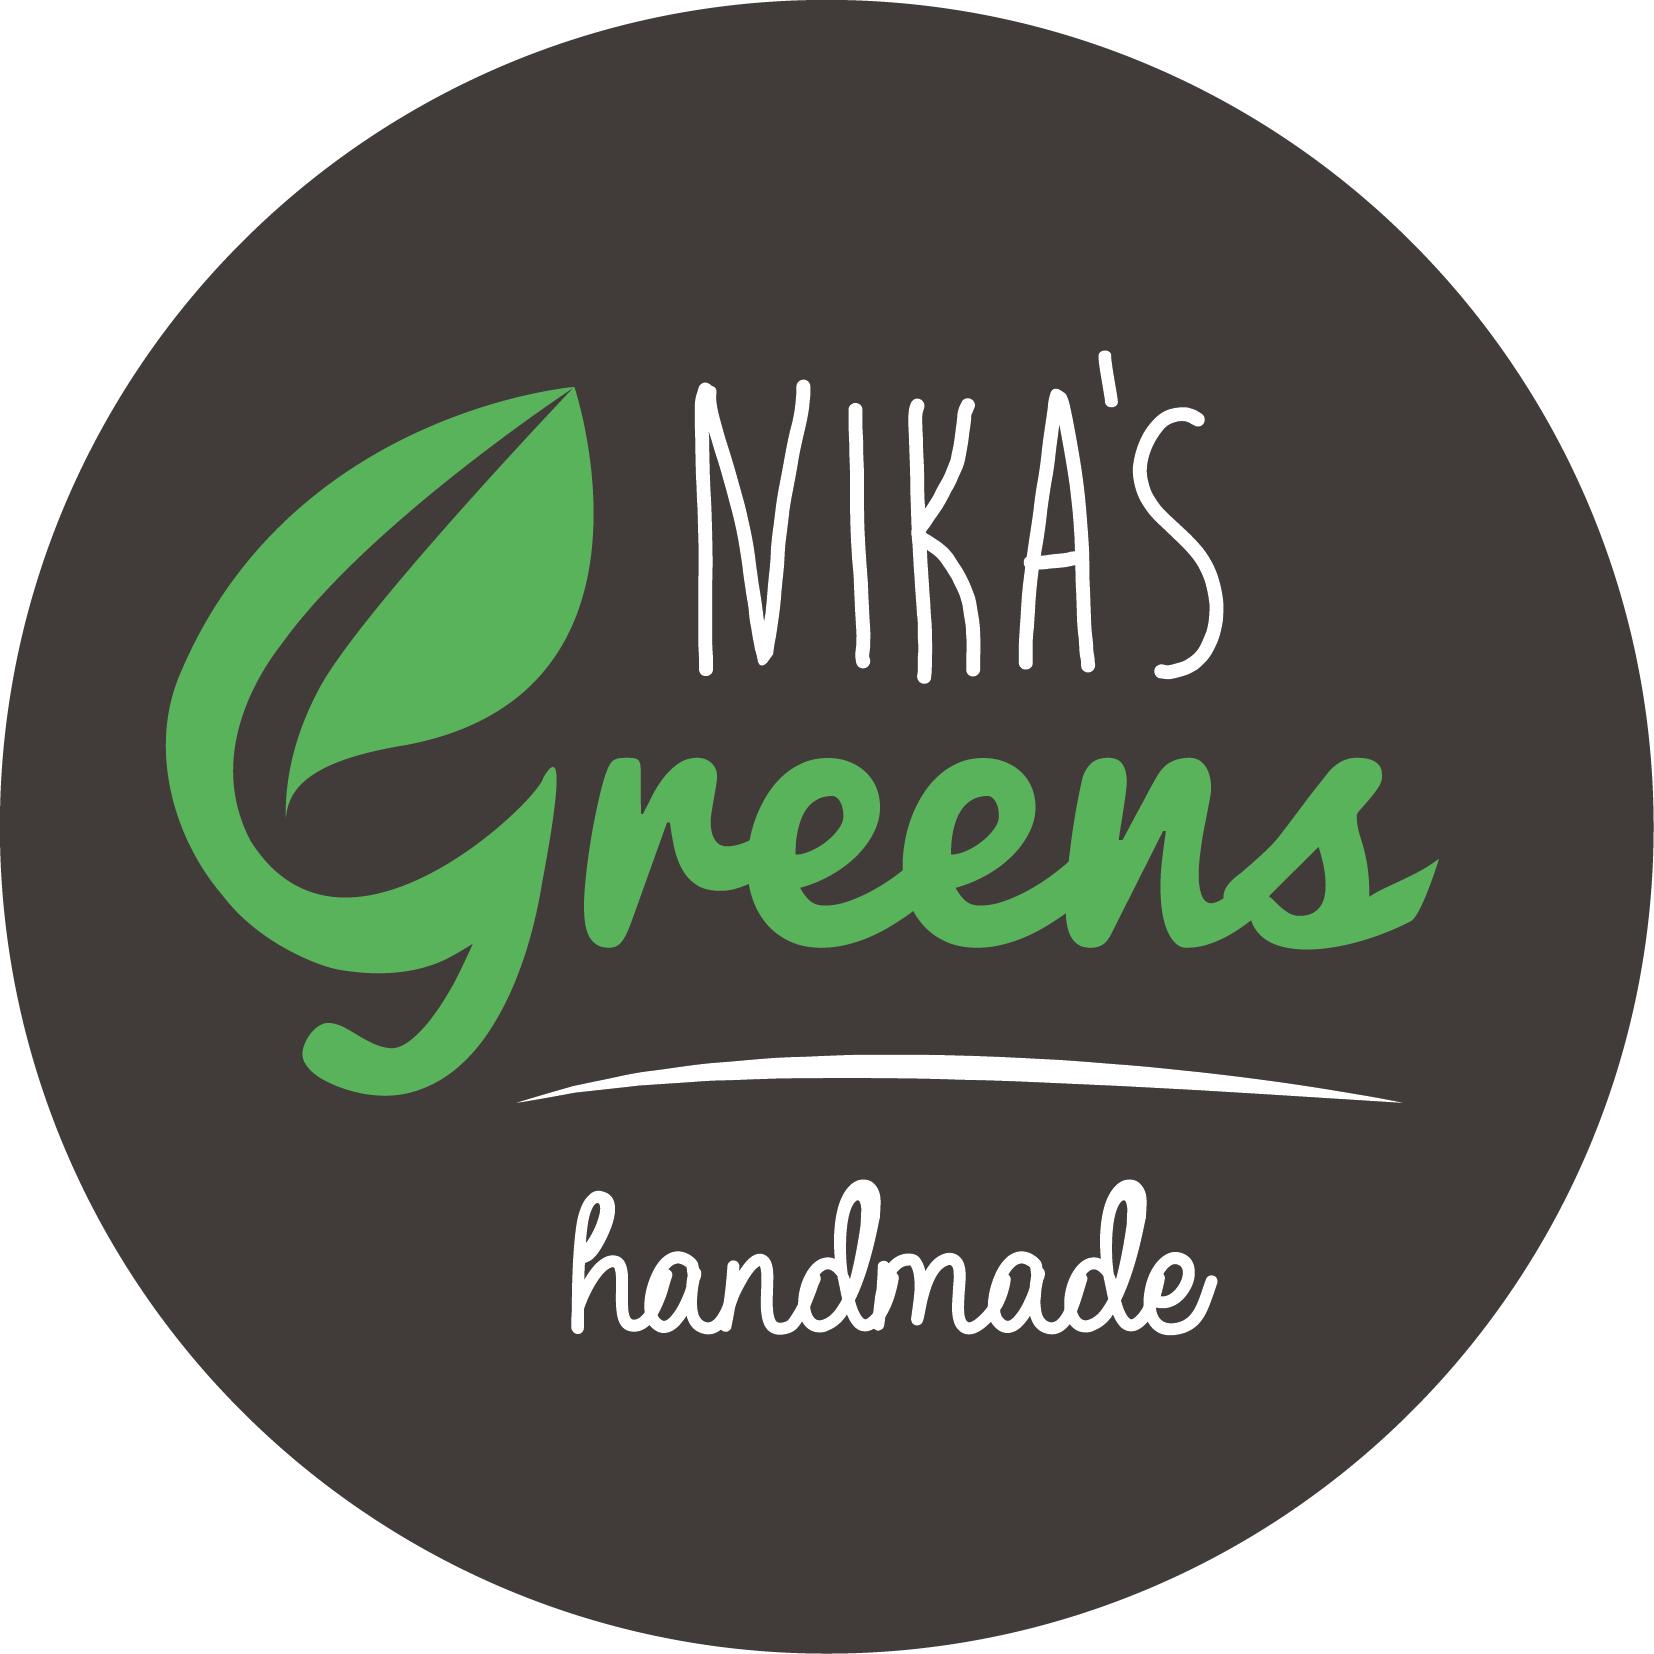 nika 39 s greens smoothie lieferdienst in m nchen zu verkaufen online shop projektify e v. Black Bedroom Furniture Sets. Home Design Ideas